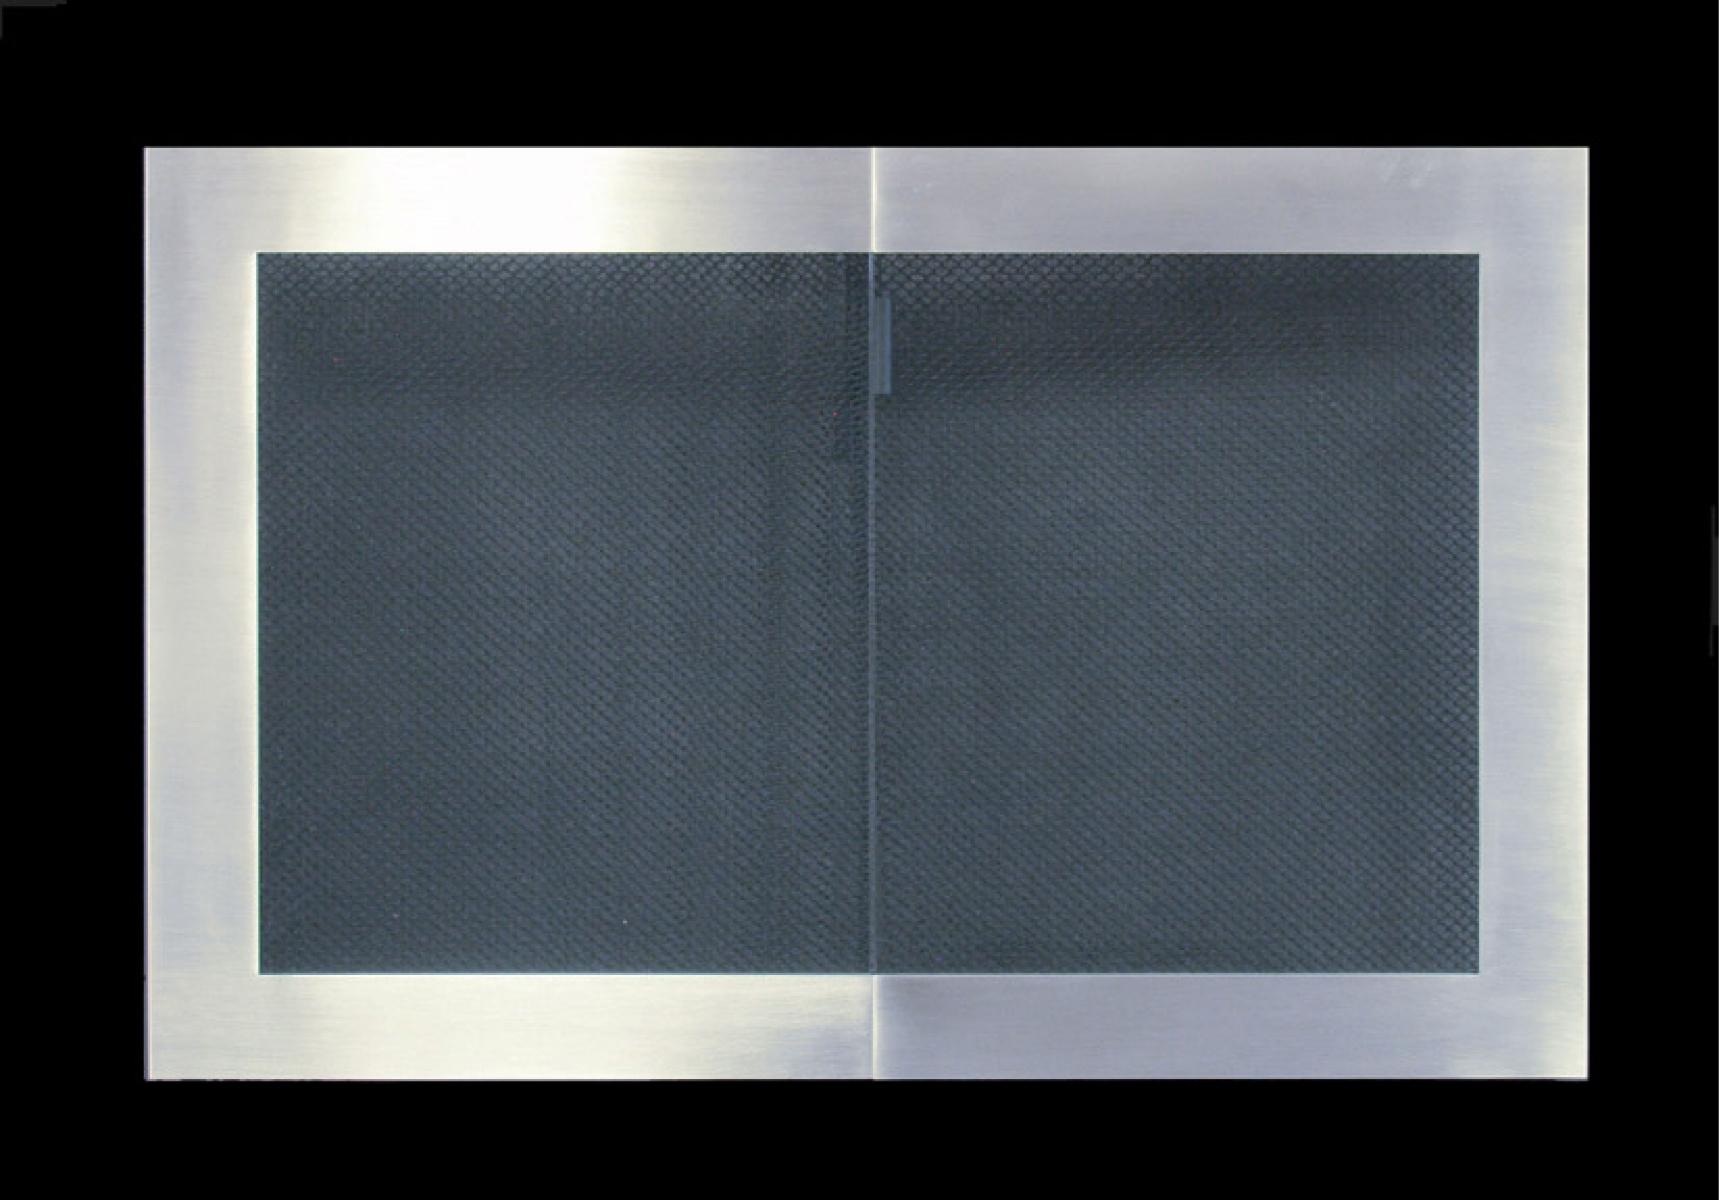 Broadway Door Frame Reveal Satin Black Frame With Brushed Nickel Door